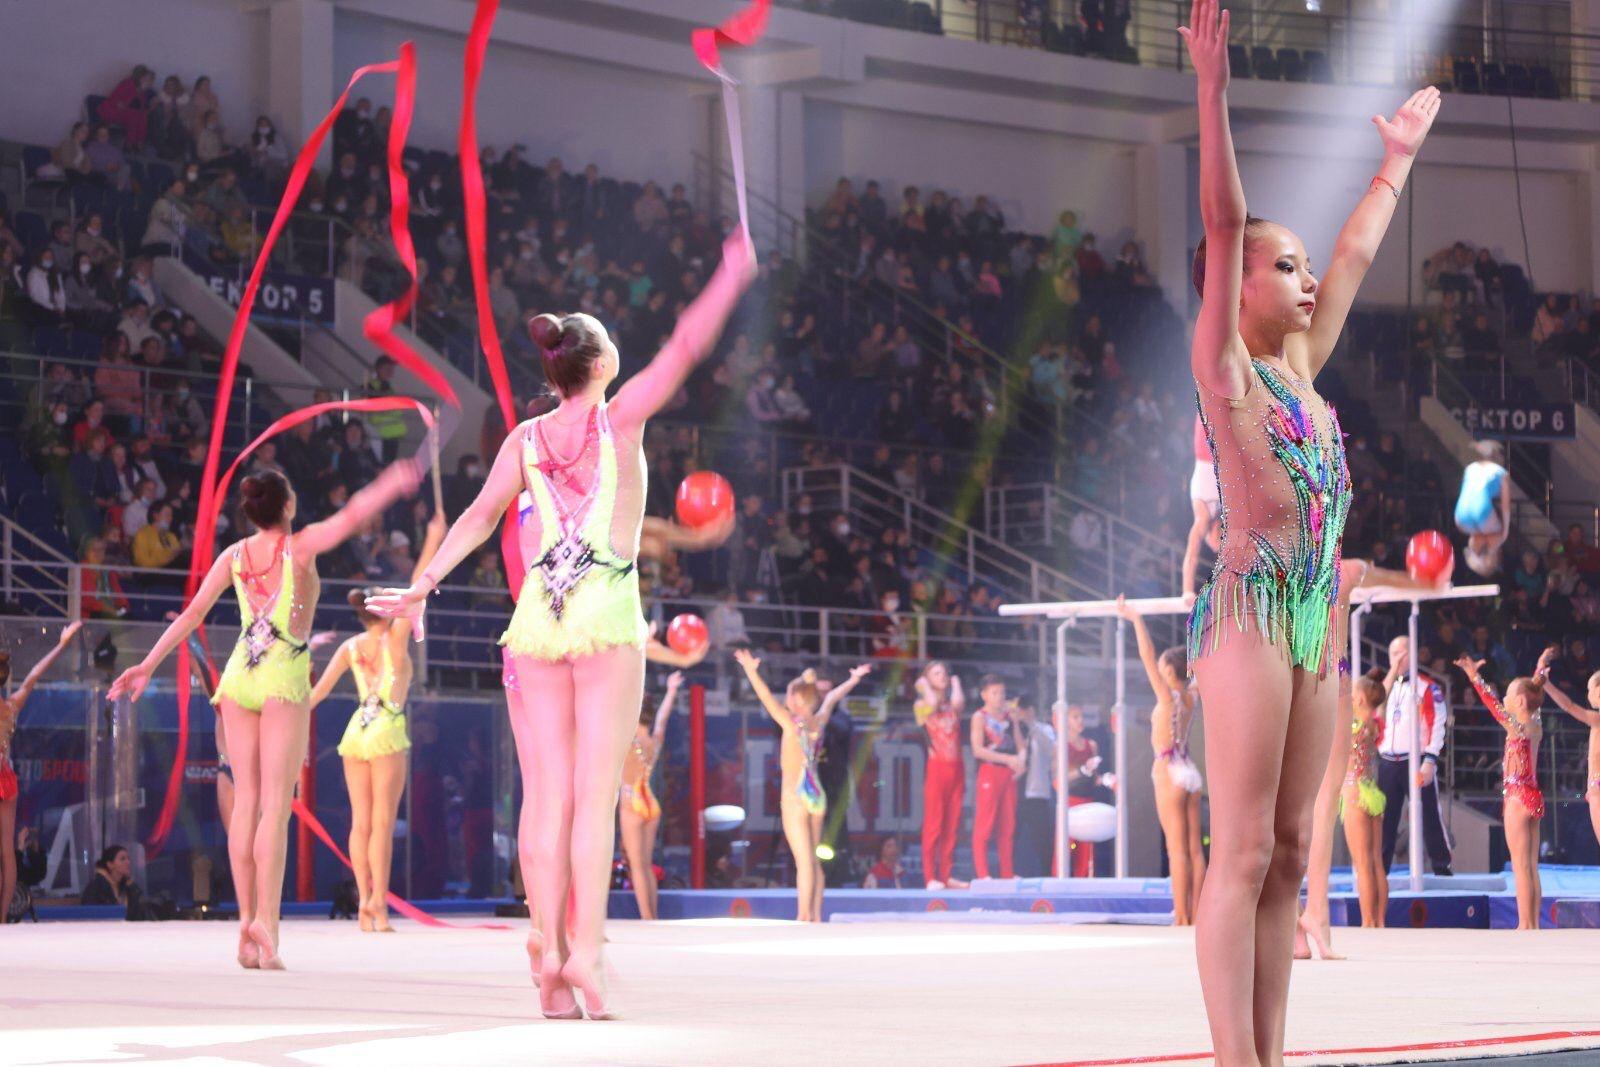 В Тольятти завершился фестиваль гимнастики имени Алексея Немова